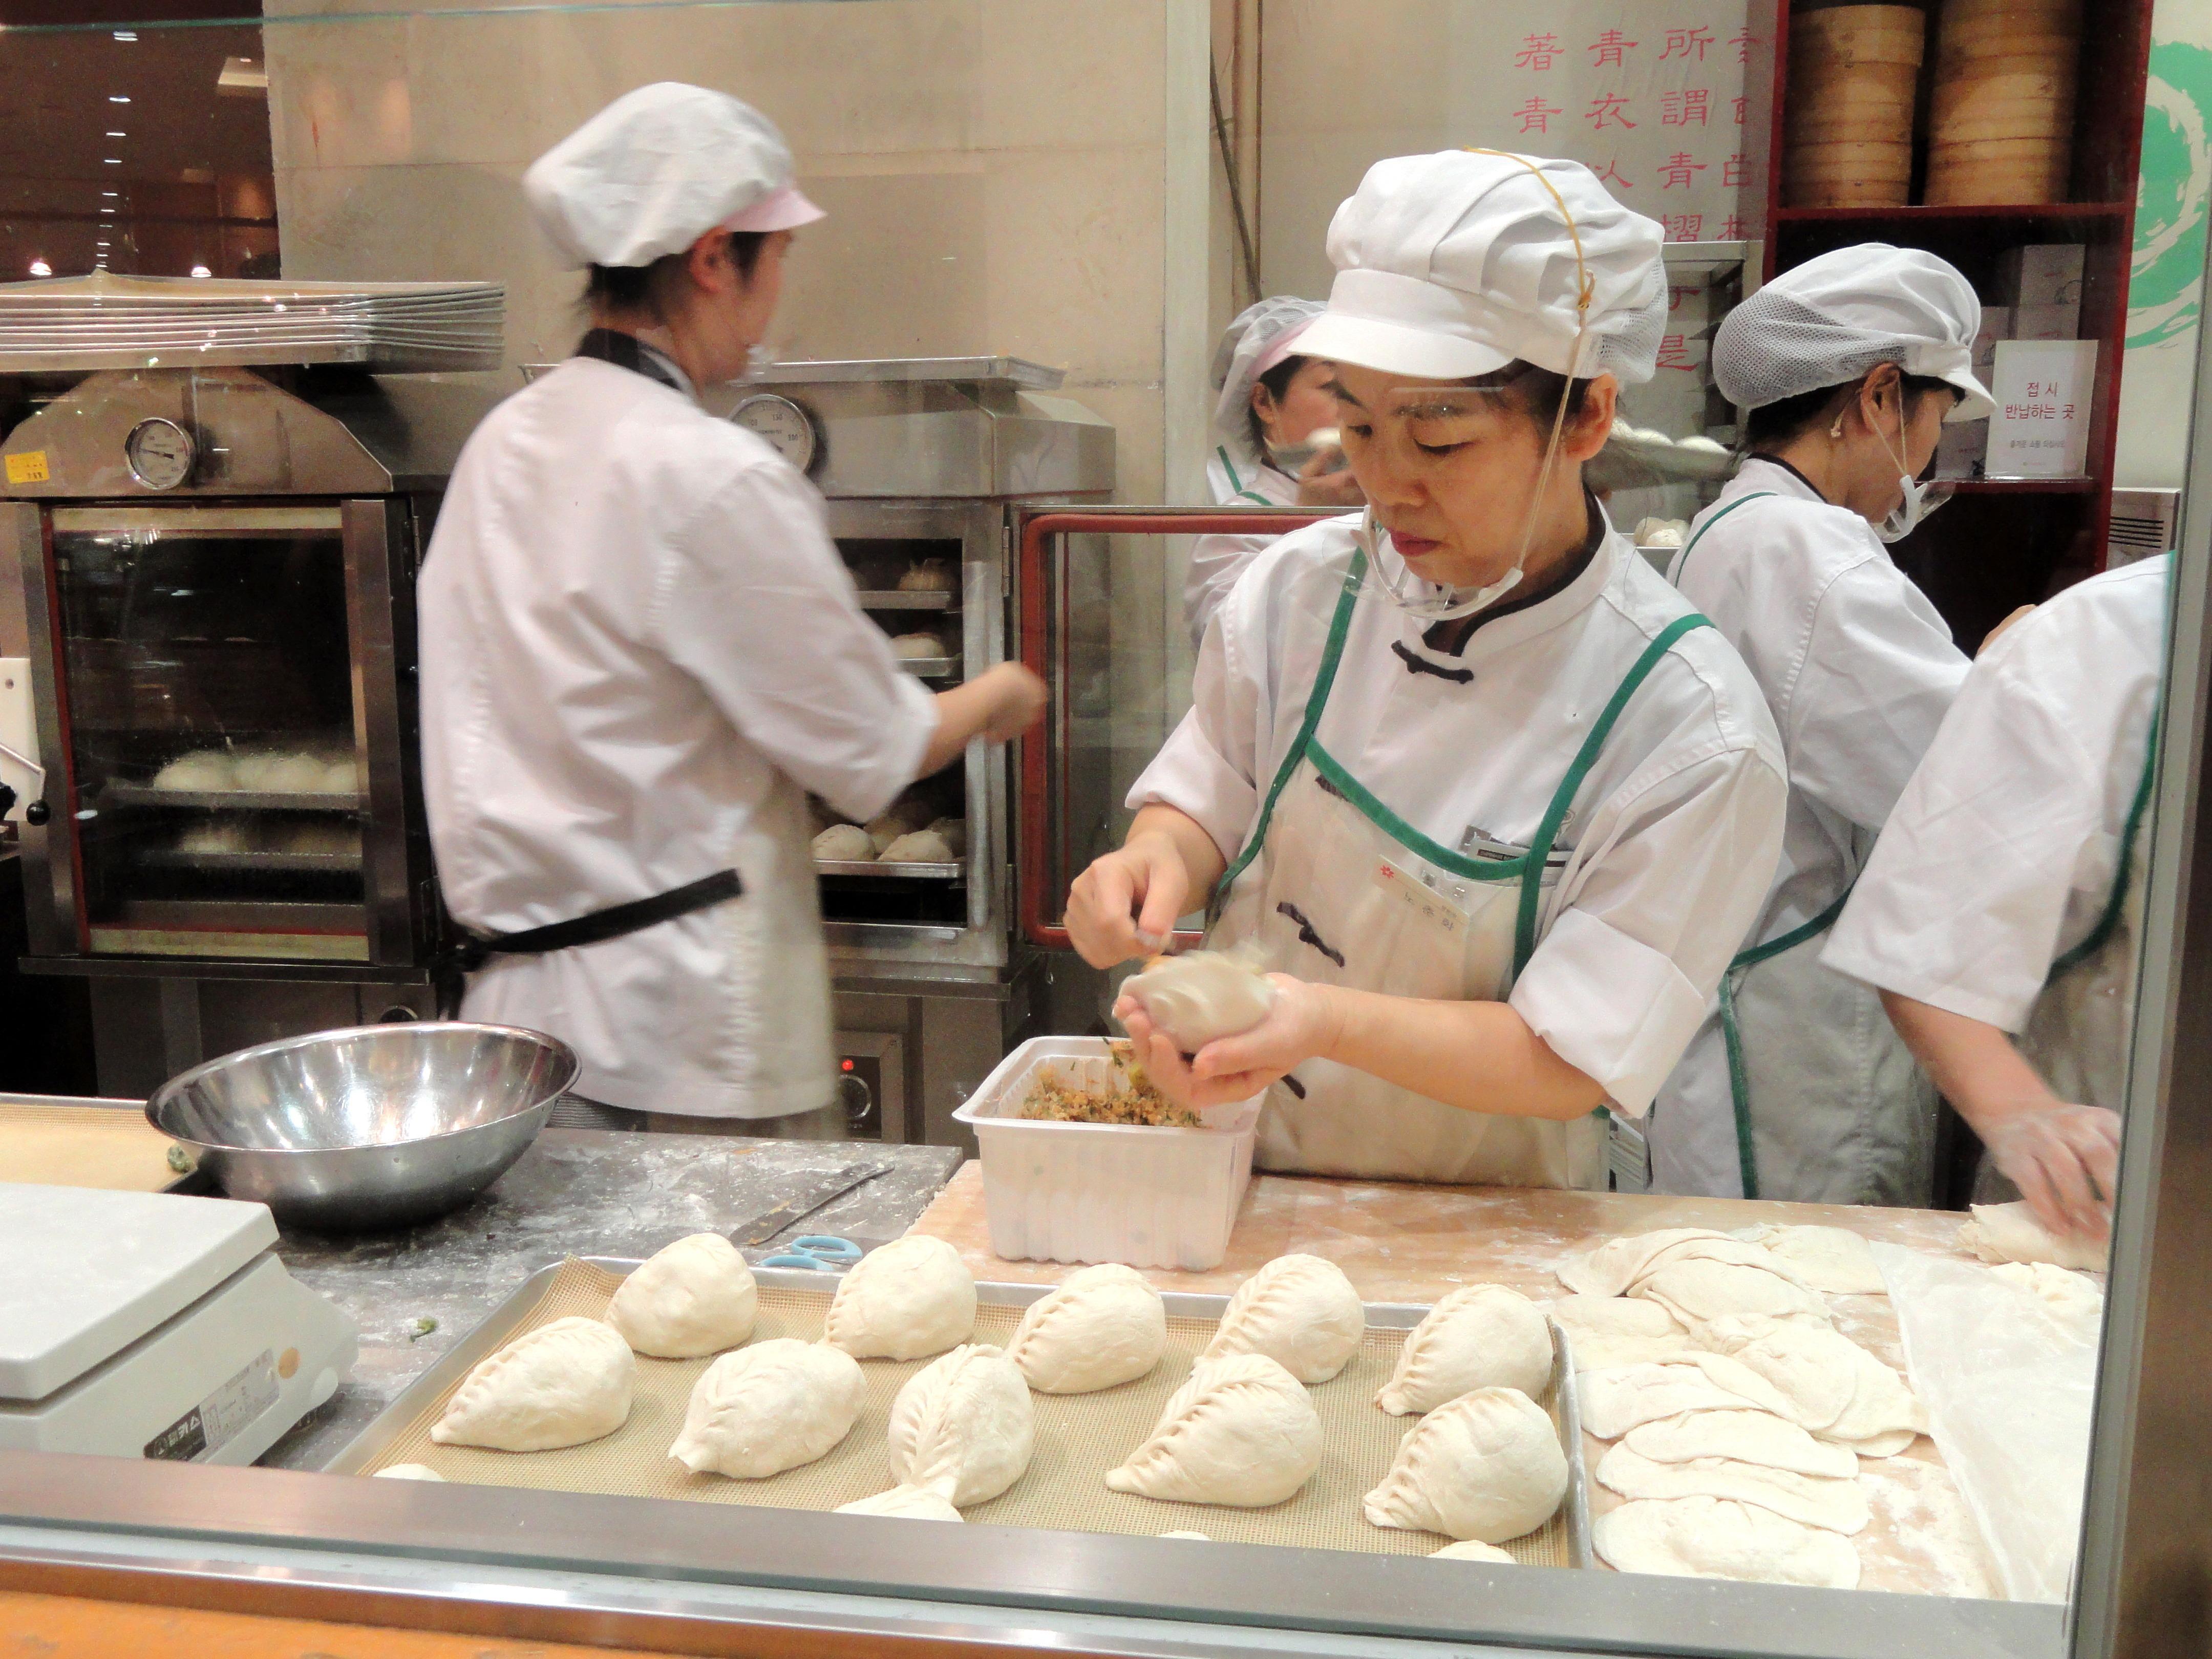 de beukelaer cooking bakery gewinnspiel